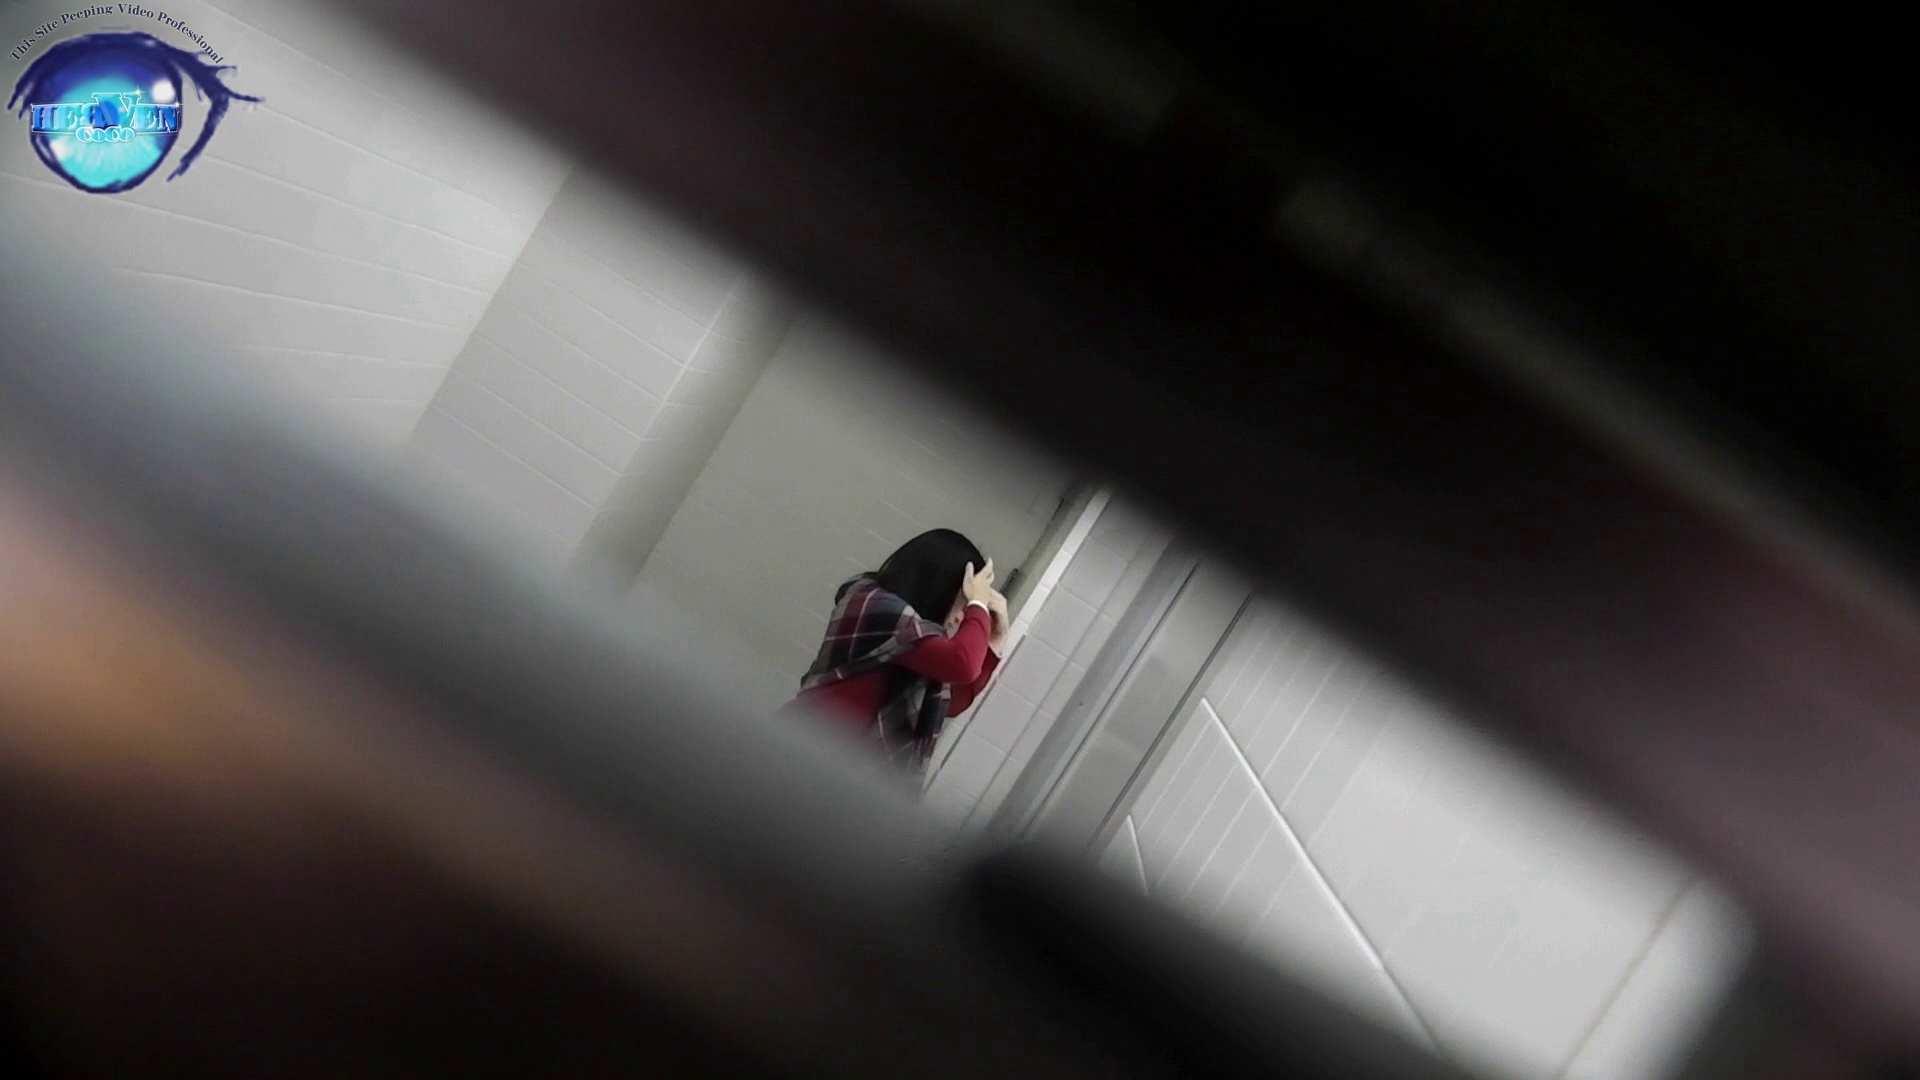 お銀さん vol.59 ピンチ!!「鏡の前で祈る女性」にばれる危機 後編 0   0  77連発 31